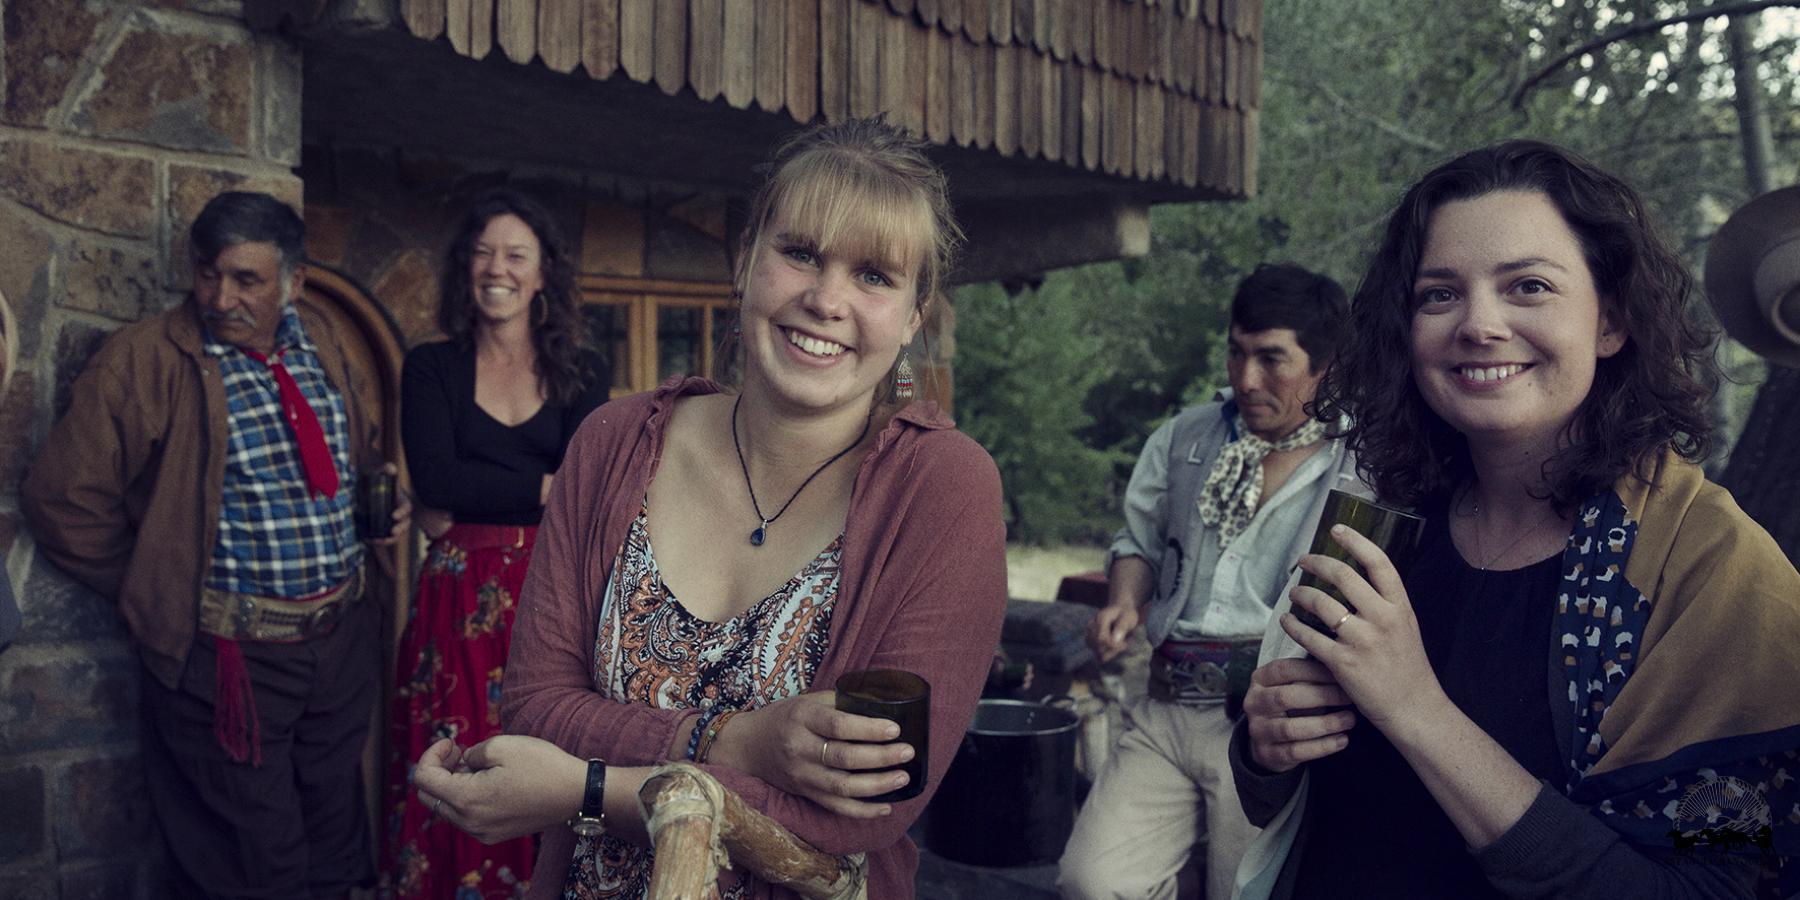 Friends at a community asado at an Estancia in Patagonia